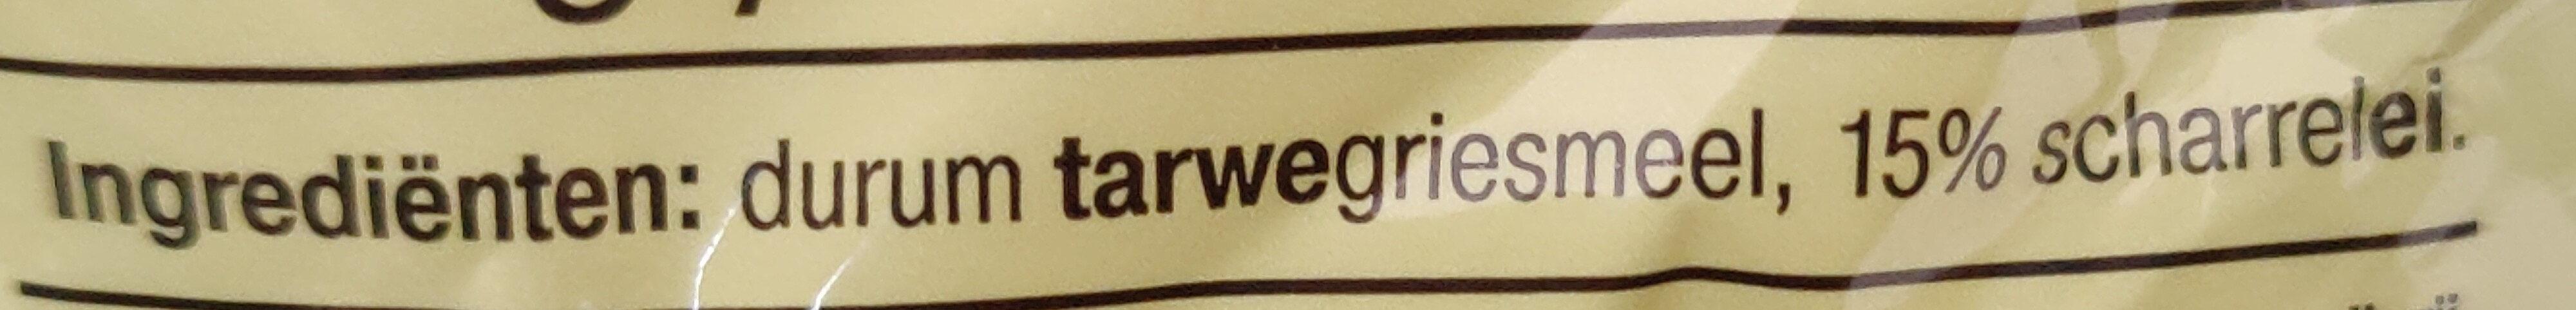 AH Soep Vermicelli - Ingredients - nl